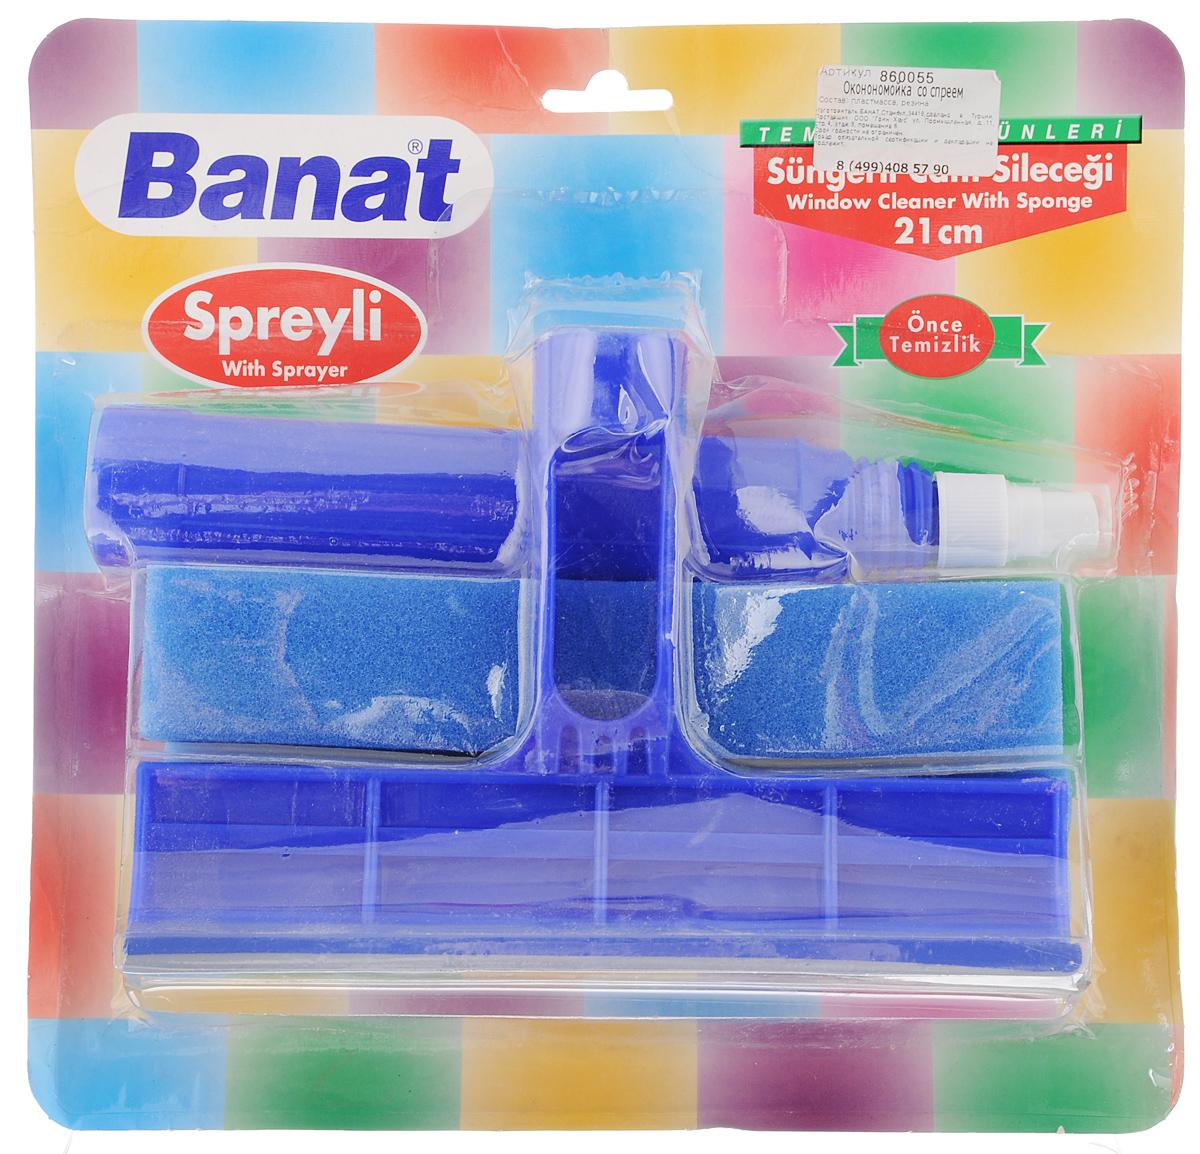 Окномойка Banat, со спреем, цвет: синий, ширина 21 см860055_синийОкномойка Banat - очень удобный и практичный аксессуар для любой хозяйки. Изделие снабжено уникальной специальной рукояткой-емкостью с распылителем. В емкость-рукоятку можно налить моющее средство, распылить на поверхность стекла, убрать загрязнения губкой, излишки воды убрать резиновым сгоном. Быстро и компактно. При истирании или повреждении губки заменить сменной. Сменная губка входит в комплект. Размер окномойки (без учета губки): 14,3 х 21 х 5 см. Длина рукоятки: 23 см. Длина губки: 20,5 см.